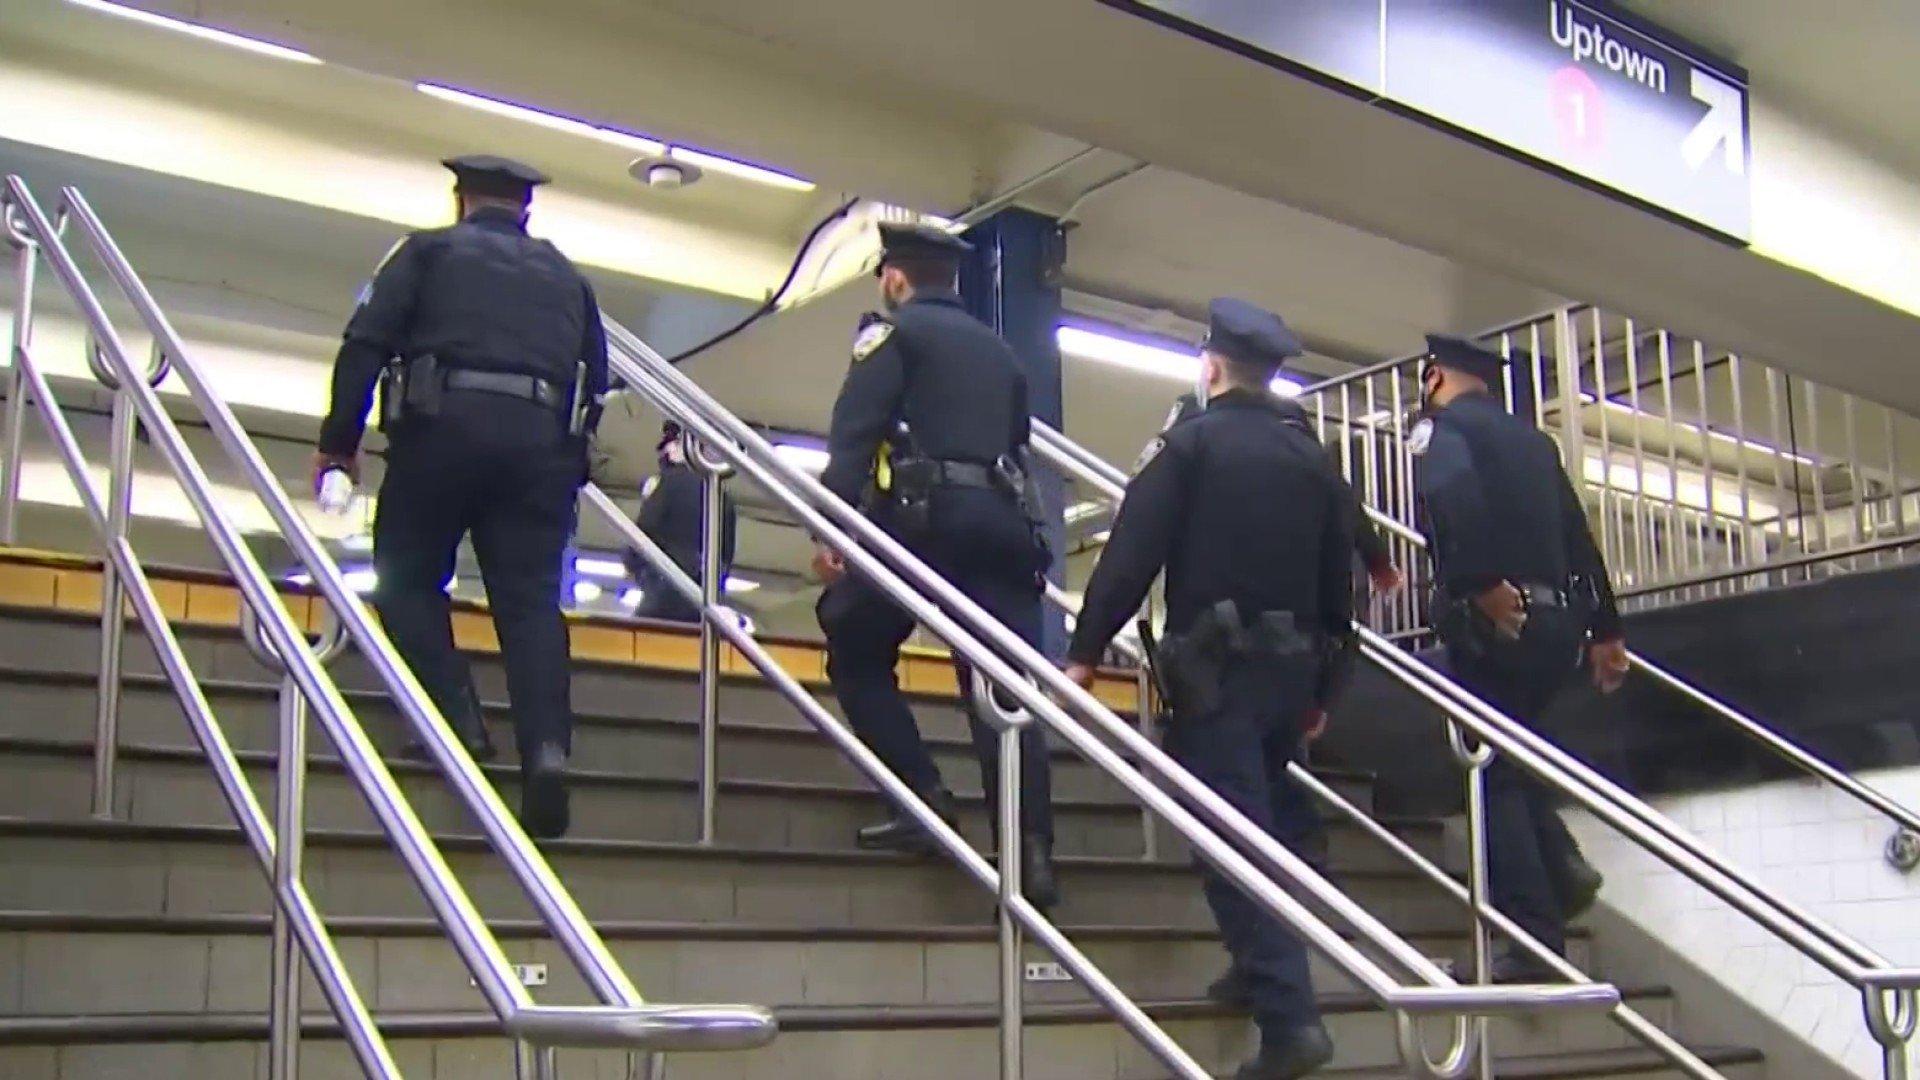 纽约地铁1小时内曝5起恶性袭击